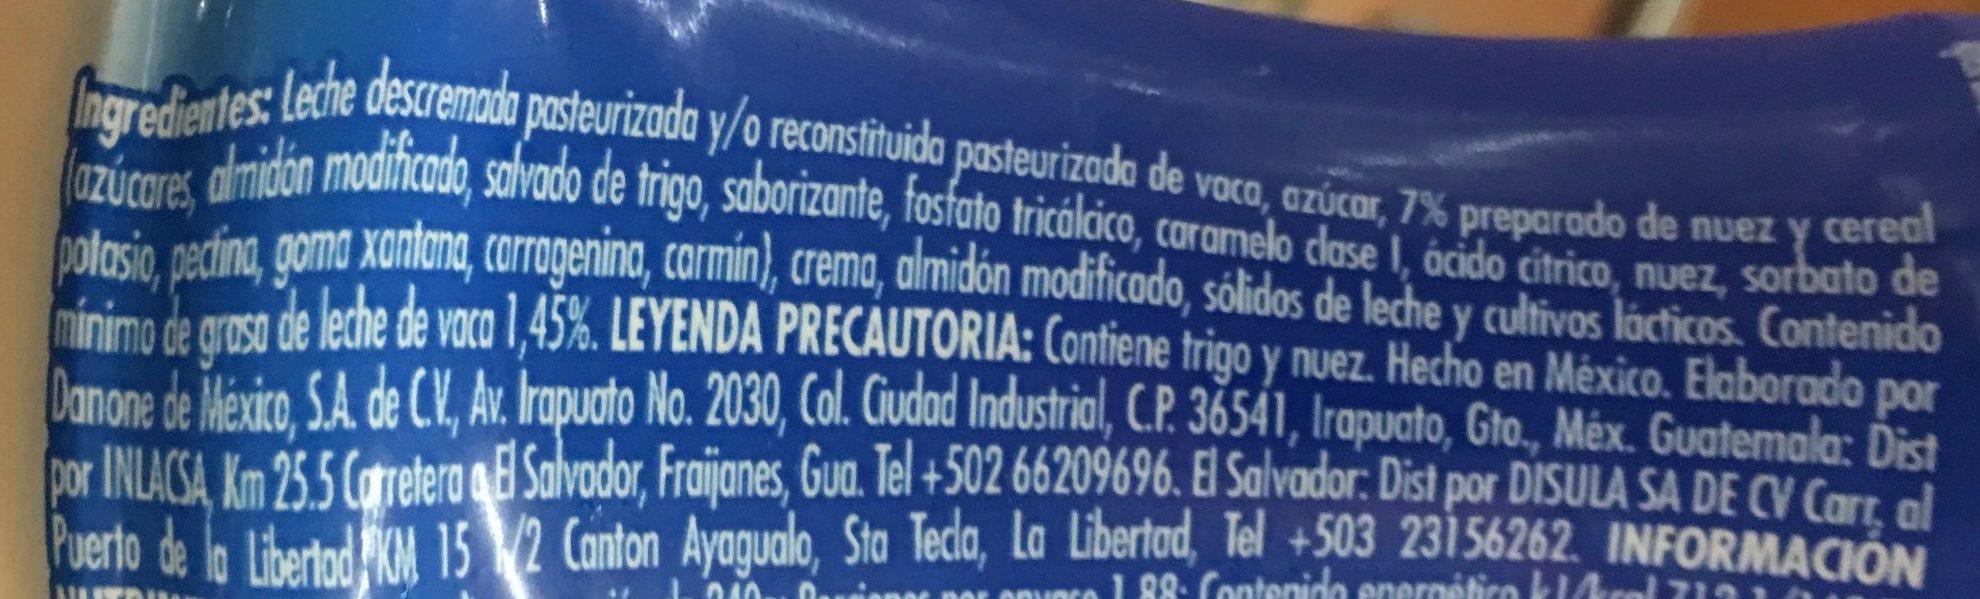 DanUp LICUADO NUEZ Y CEREAL - Ingrediënten